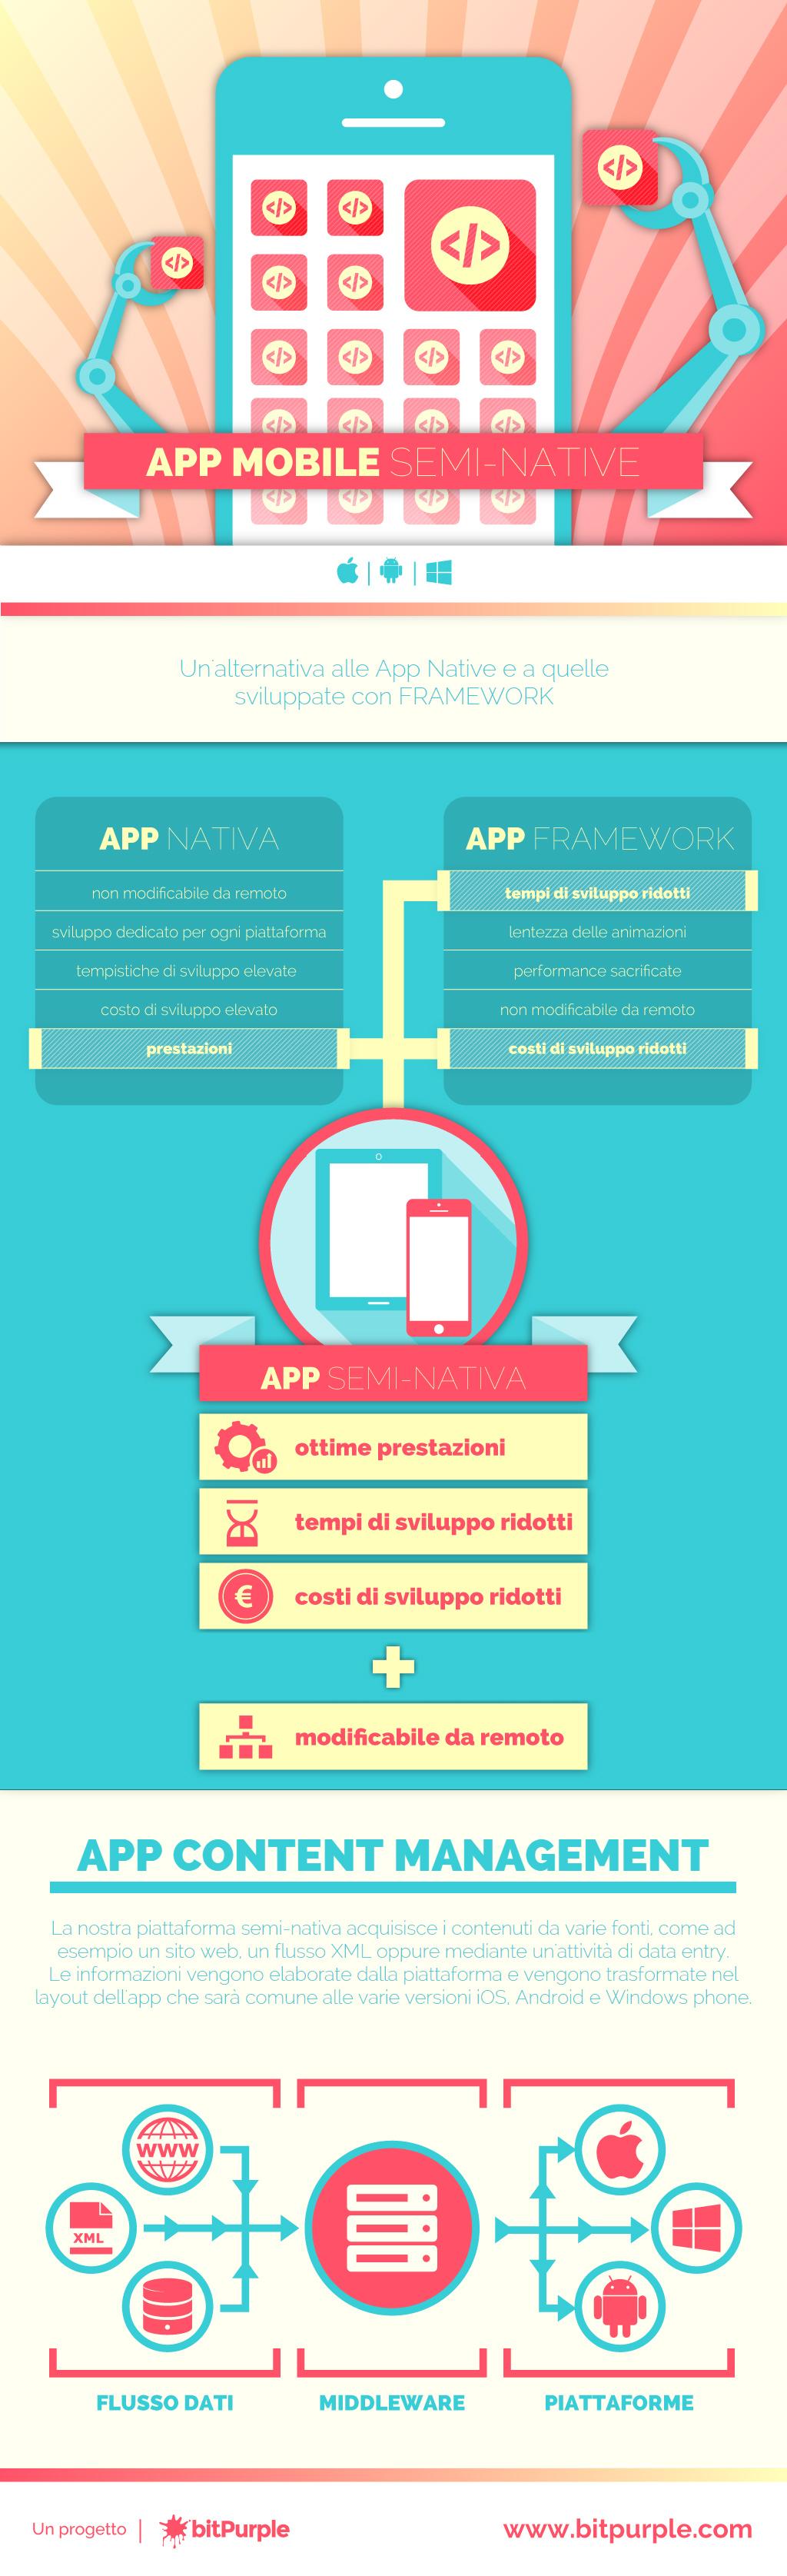 infografica_bitpurple